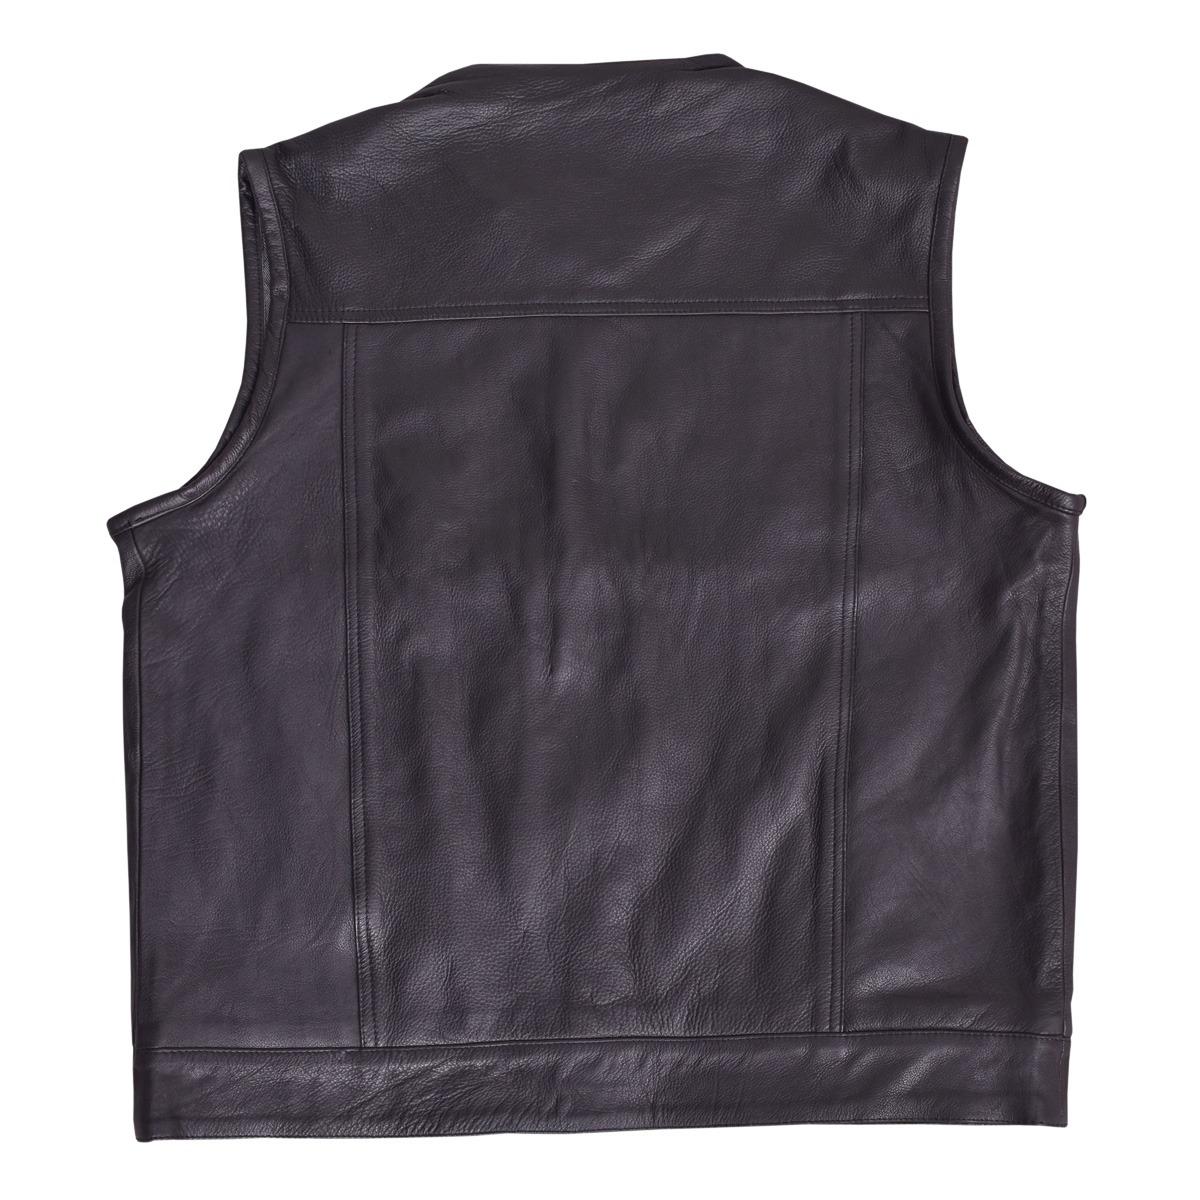 Motorcycle Leather Vest Black Gun Pocket